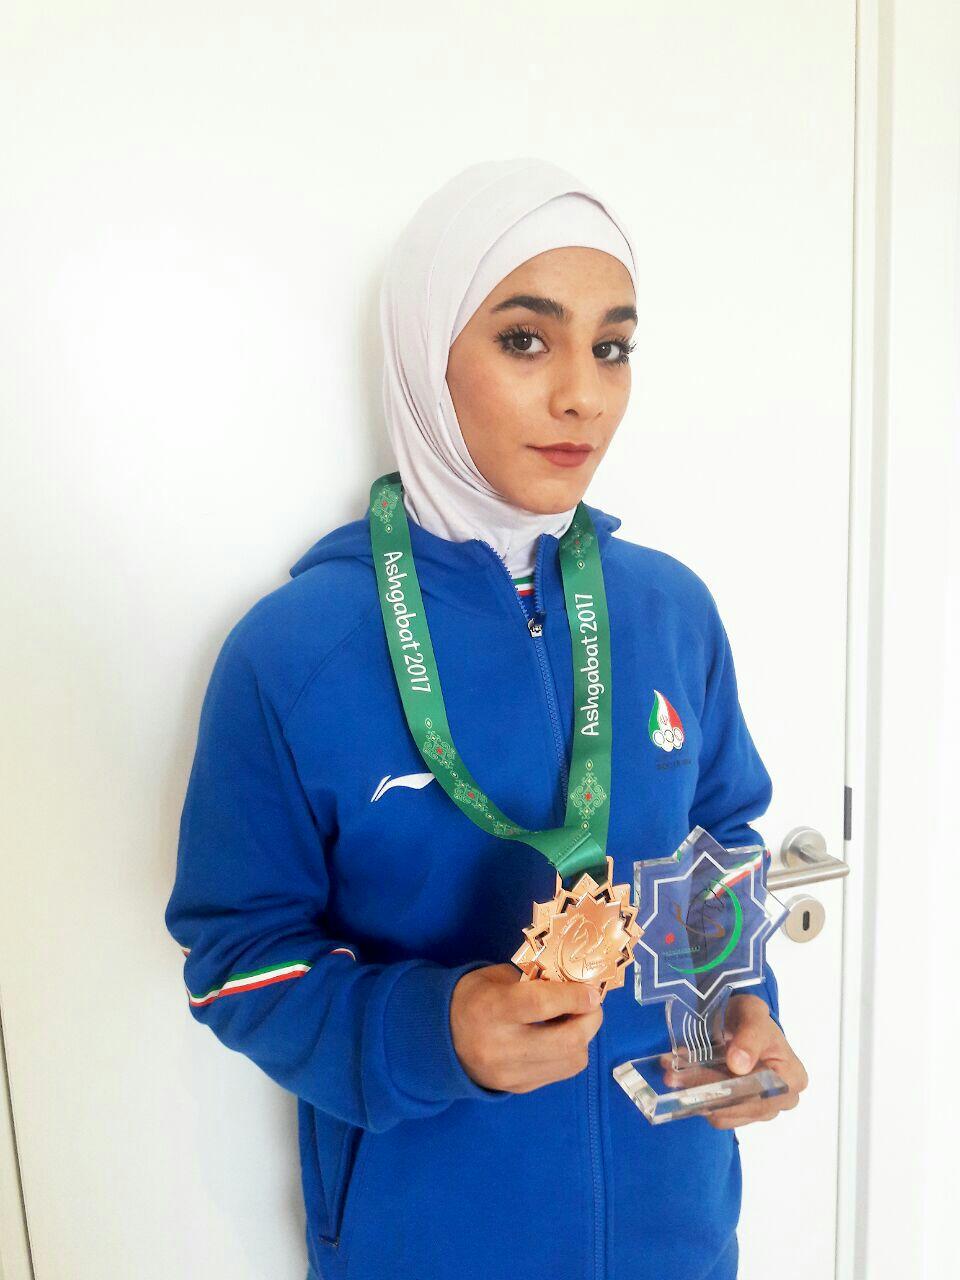 باشگاه خبرنگاران -سیاهوشی: امید زیادی به کسب مدال در رقابتهای جهانی دارم